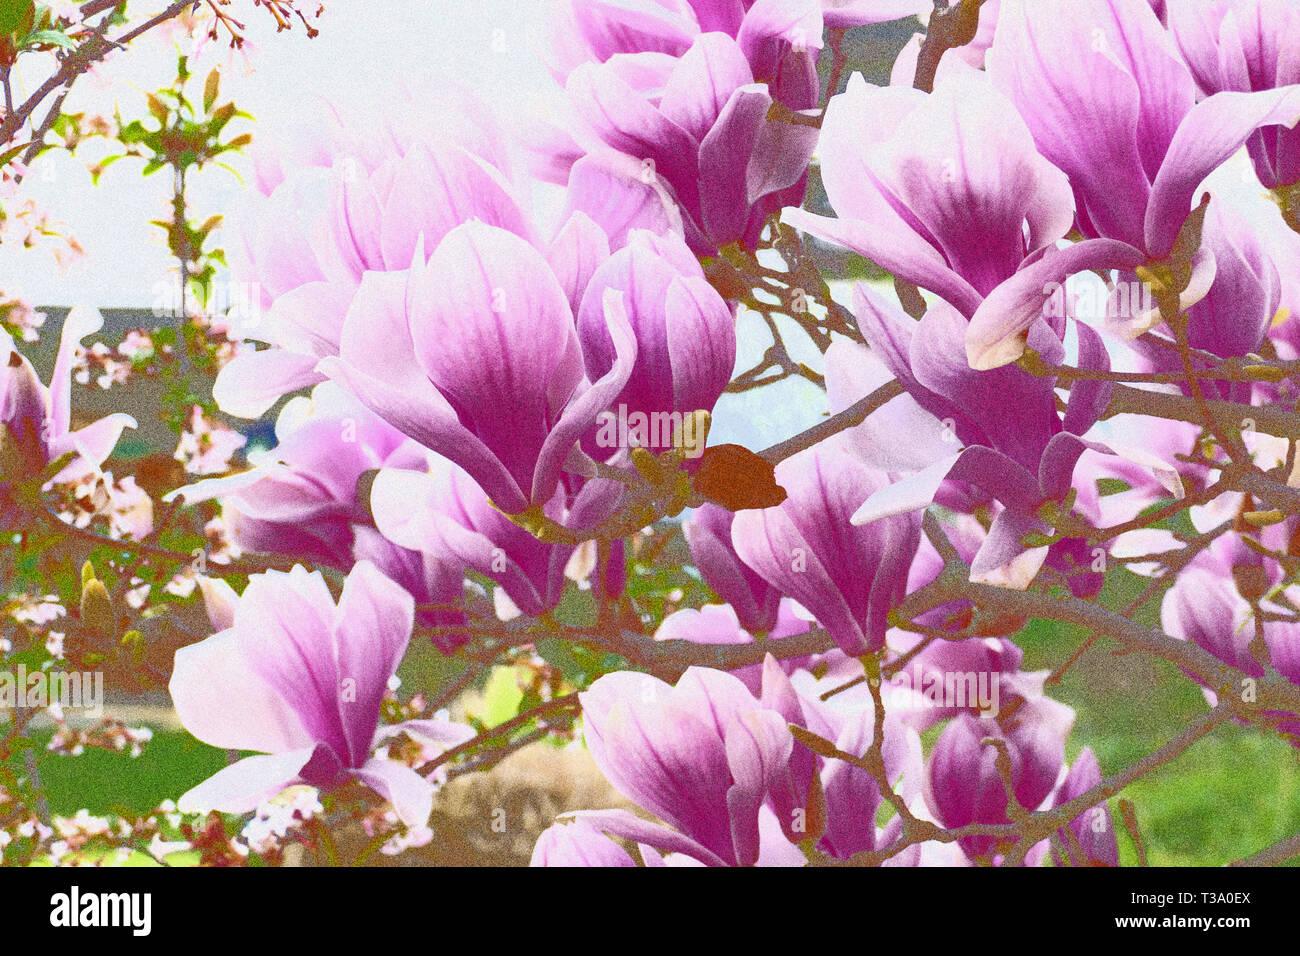 Pink lila farbene Magnolie Blüten, am Strauch im Frühjahr - Stock Image